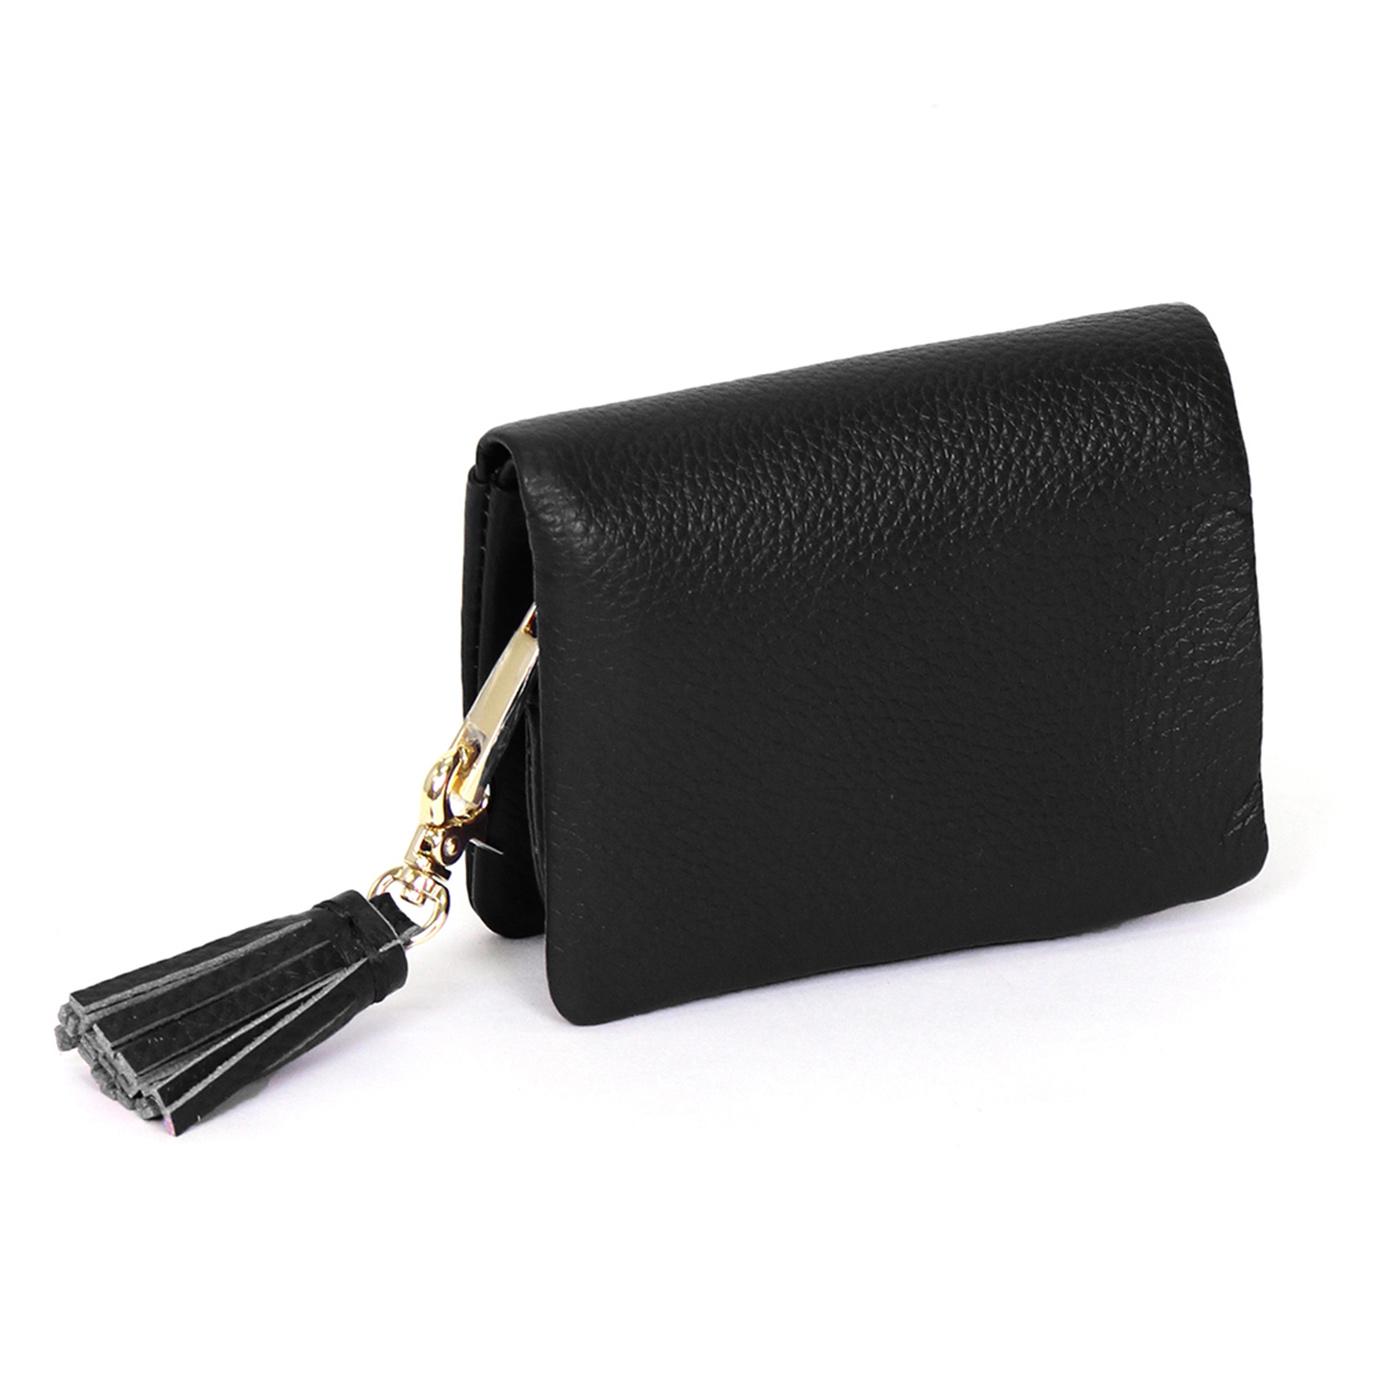 IEDIT[イディット] SELECT やわらか艶レザーで手になじむ 長く使いこみたい本革ミニ財布〈ブラック〉